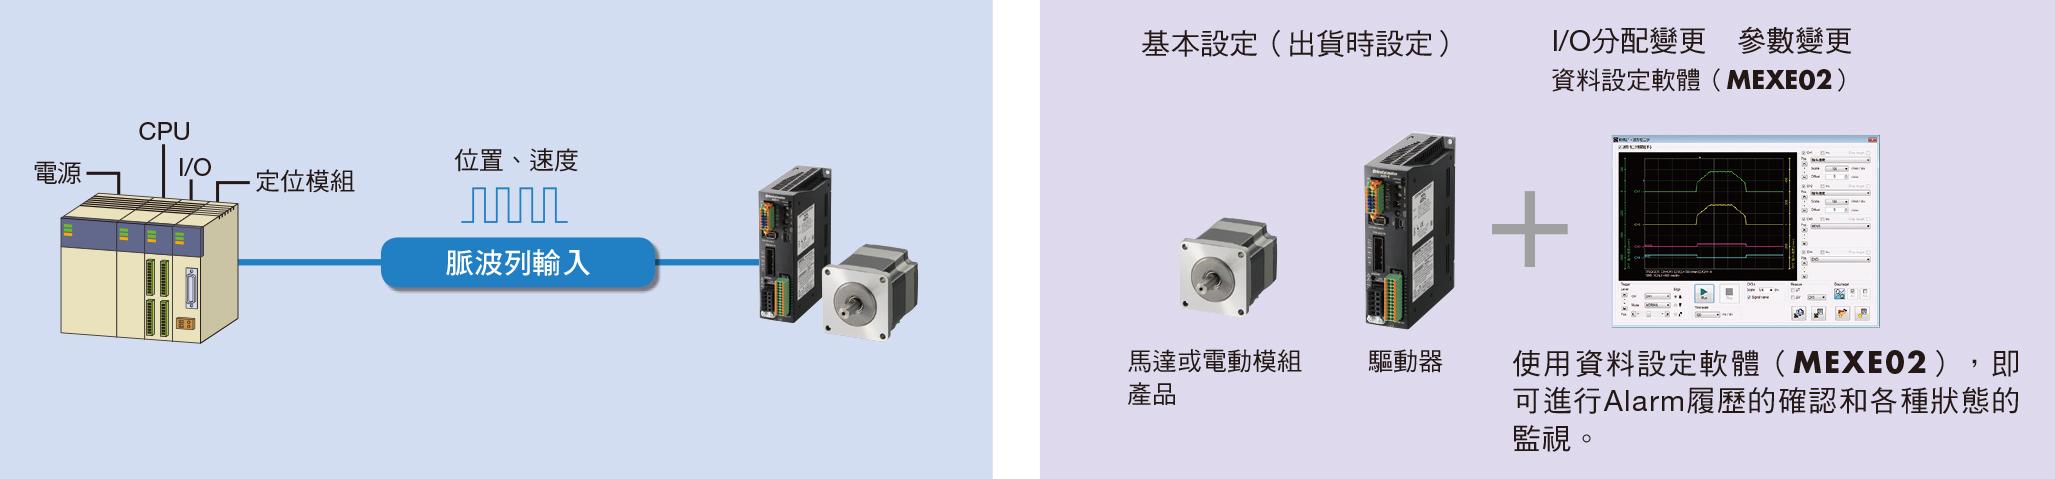 東方馬達 Oriental motor _系統構成 使用控制器EMP400系列的單軸系統構成範例